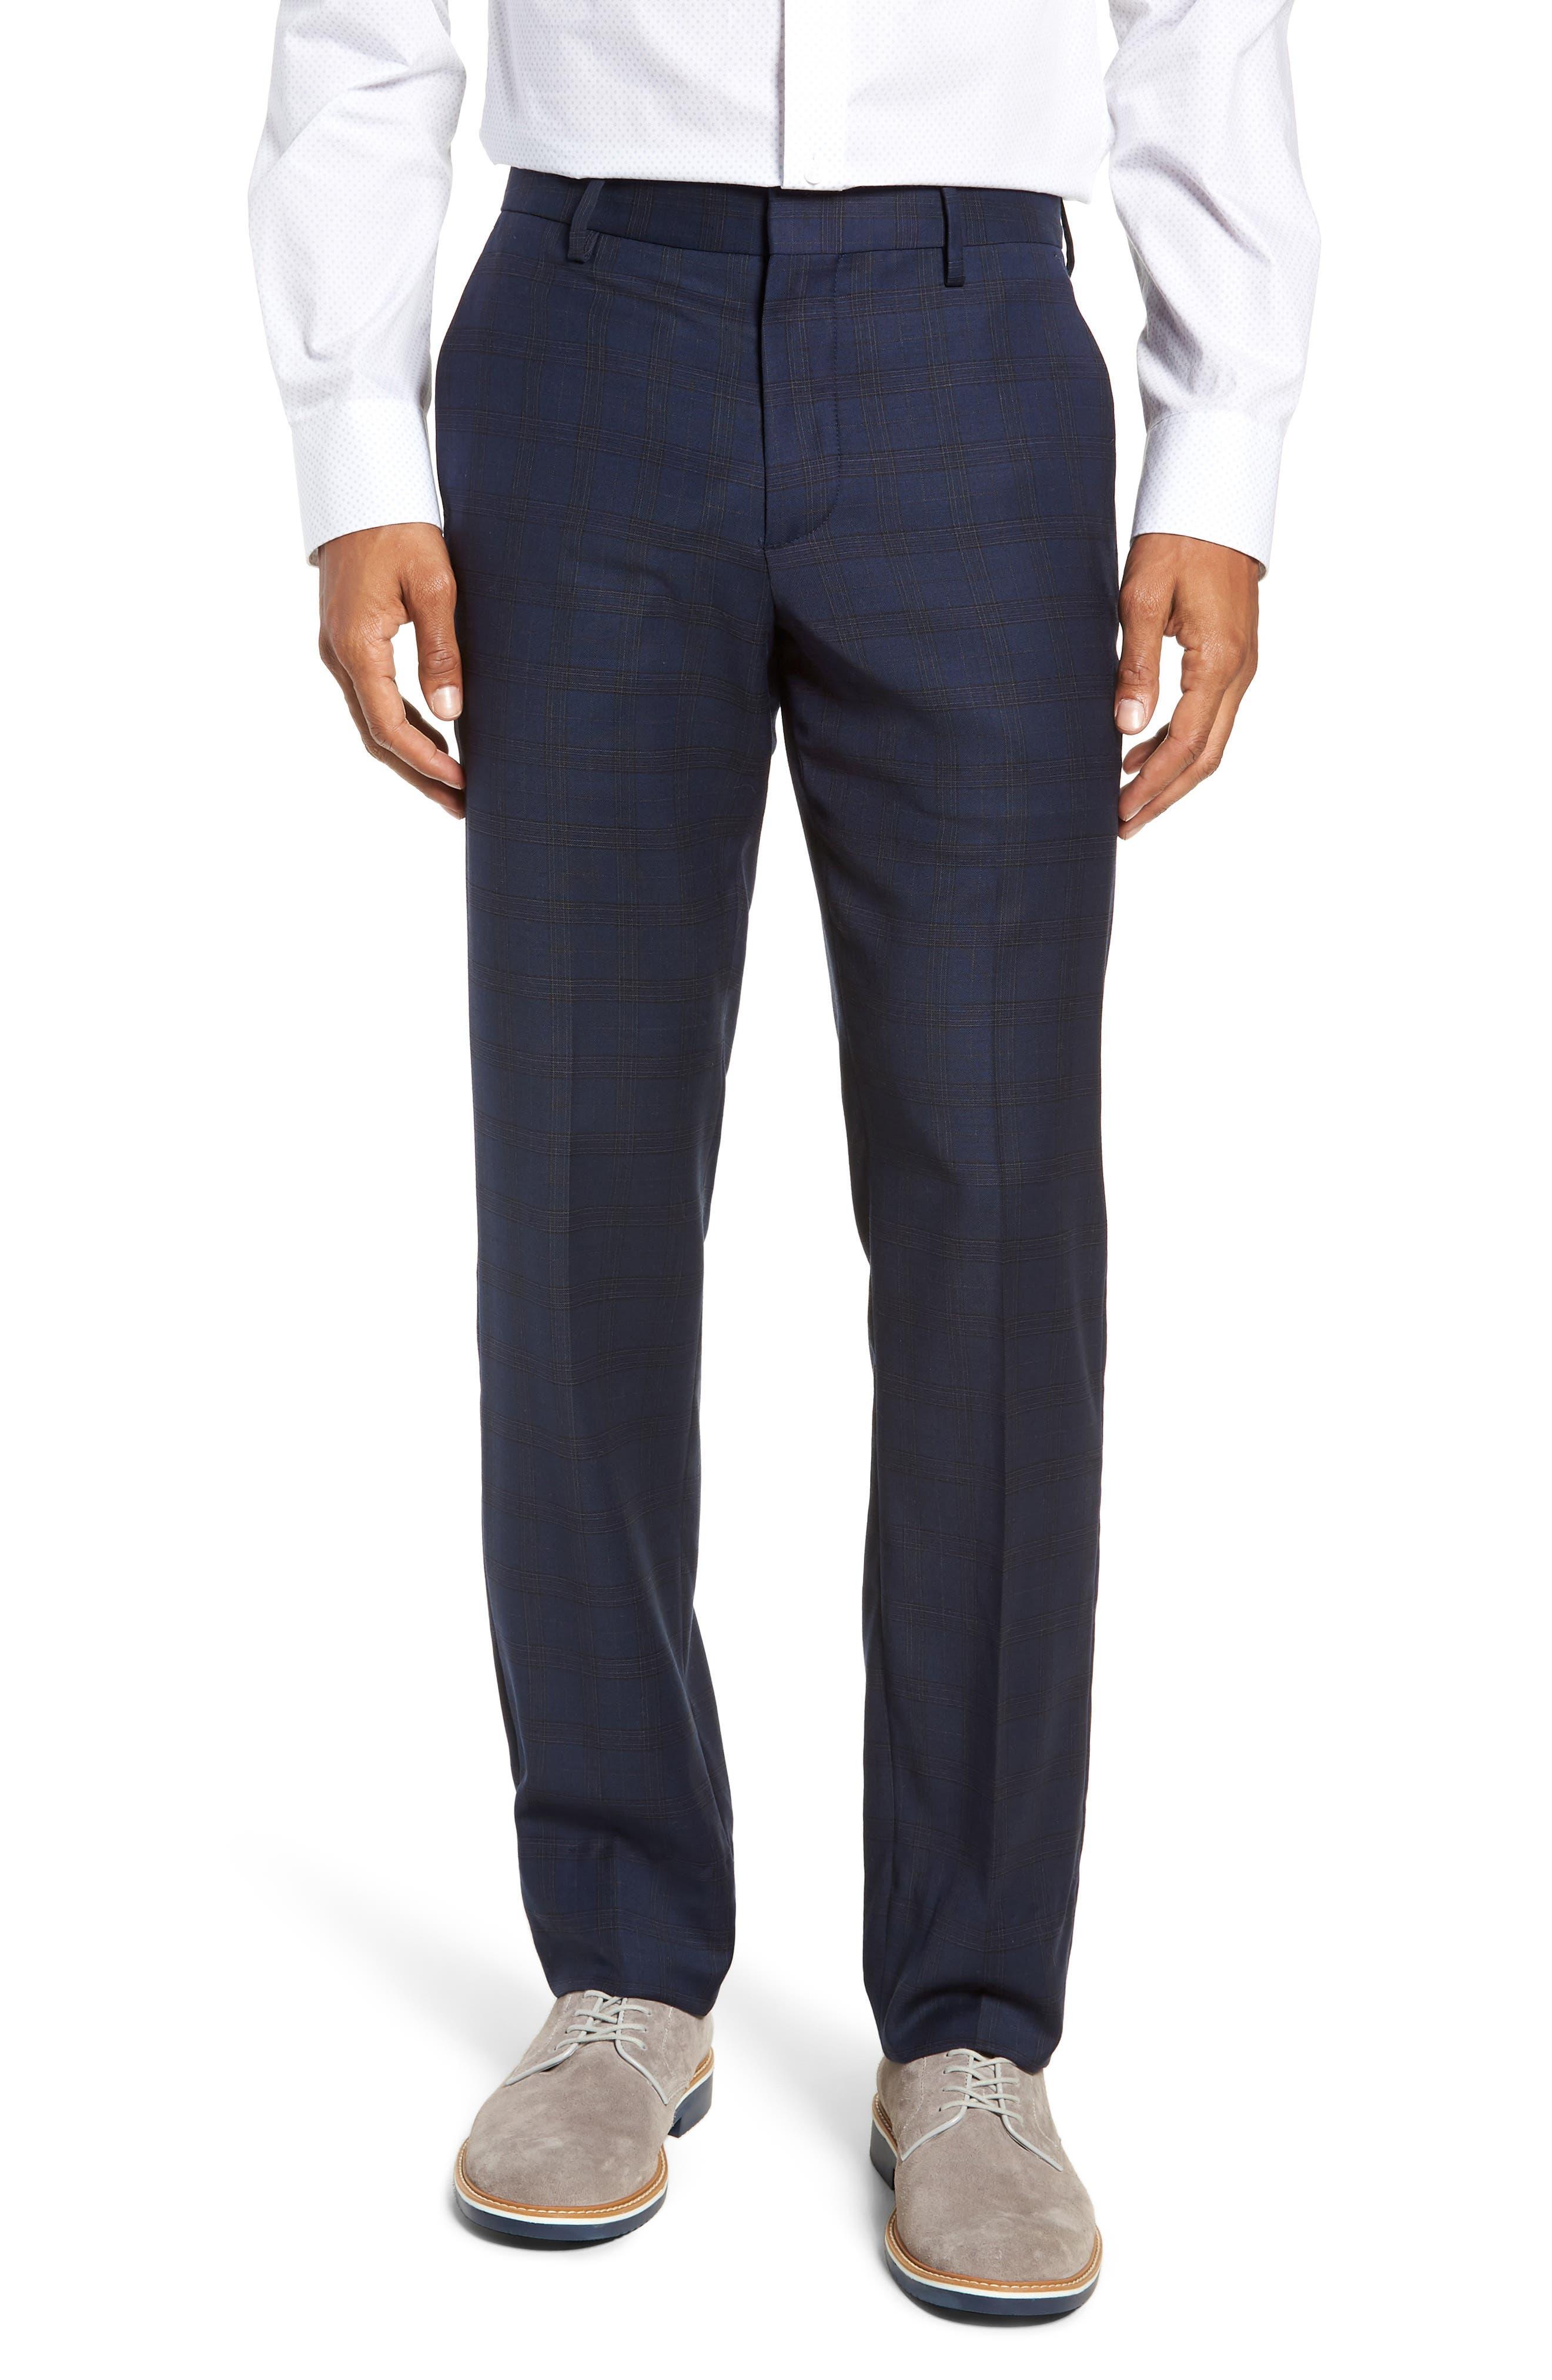 Jetsetter Slim Fit Stretch Suit Pants,                             Main thumbnail 1, color,                             SUBTLE NAVY PLAID